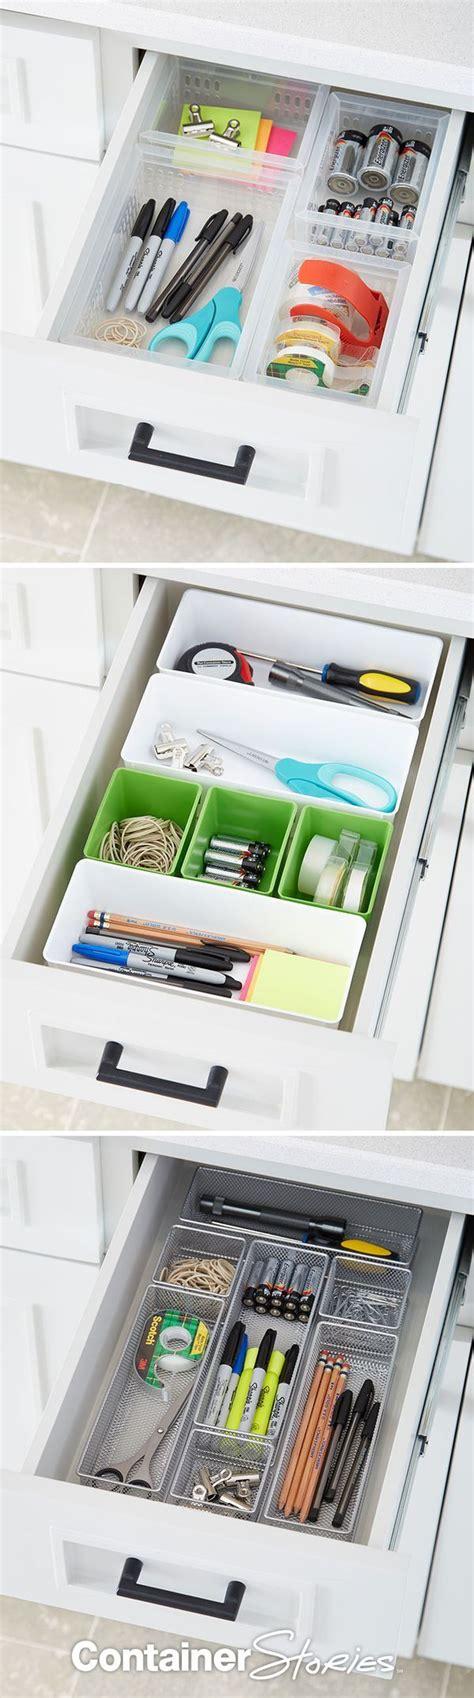 Best 25 Desk Drawer Organizers Ideas On Pinterest Desk Organizing Desk Drawers